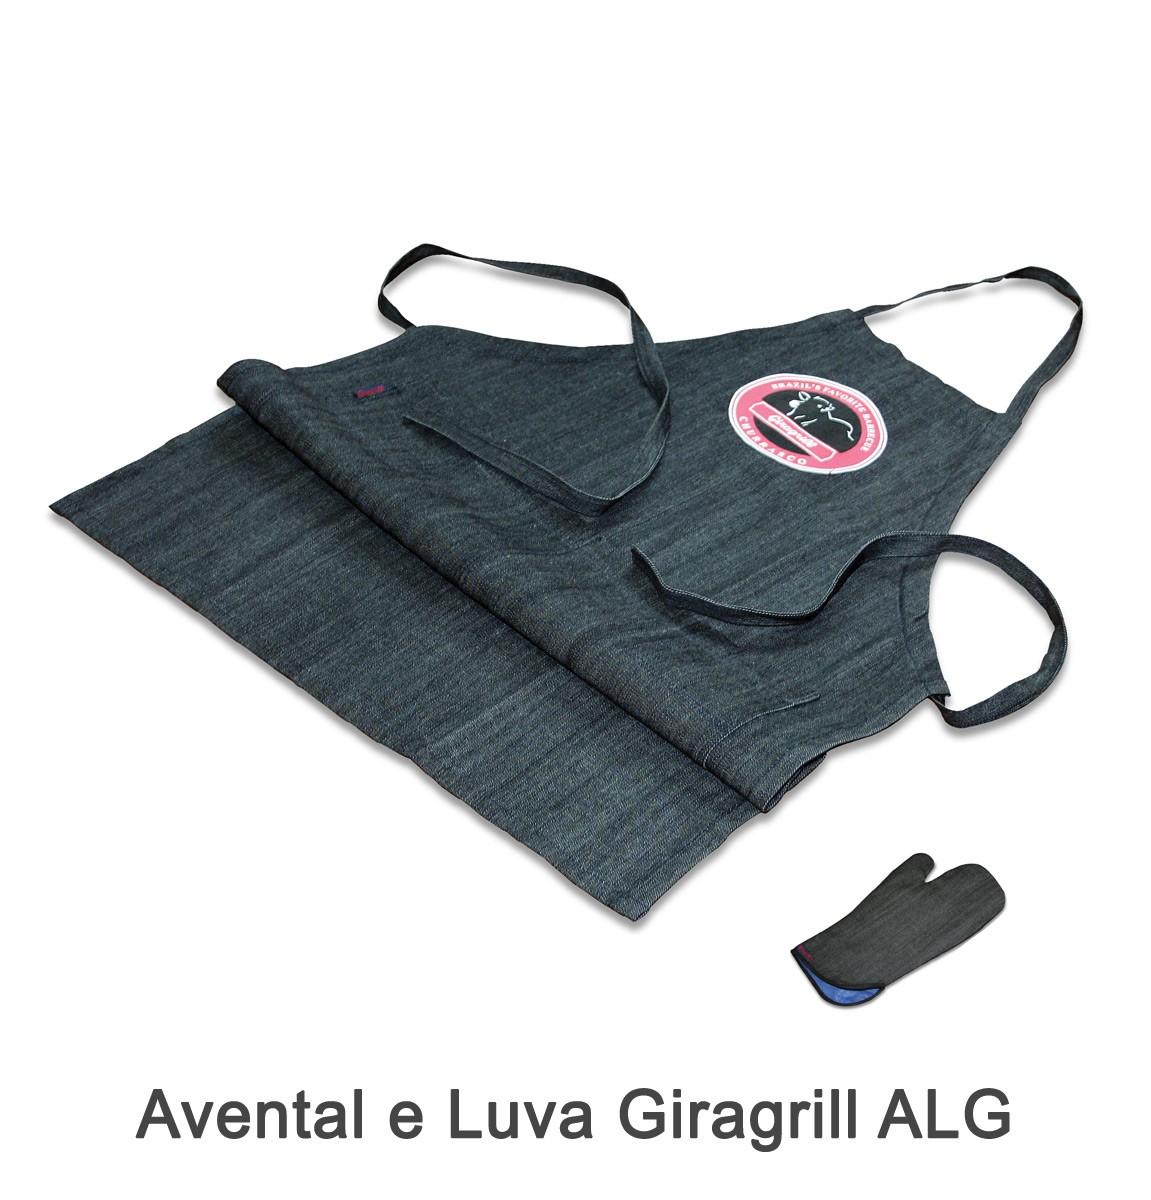 Avental e Luva Giragrill ALG + Pega Carvão PC-50 + Pega Fácil PF-40 + Acendedor de Carvão AC + Pá de Limpeza PL-1 Inox